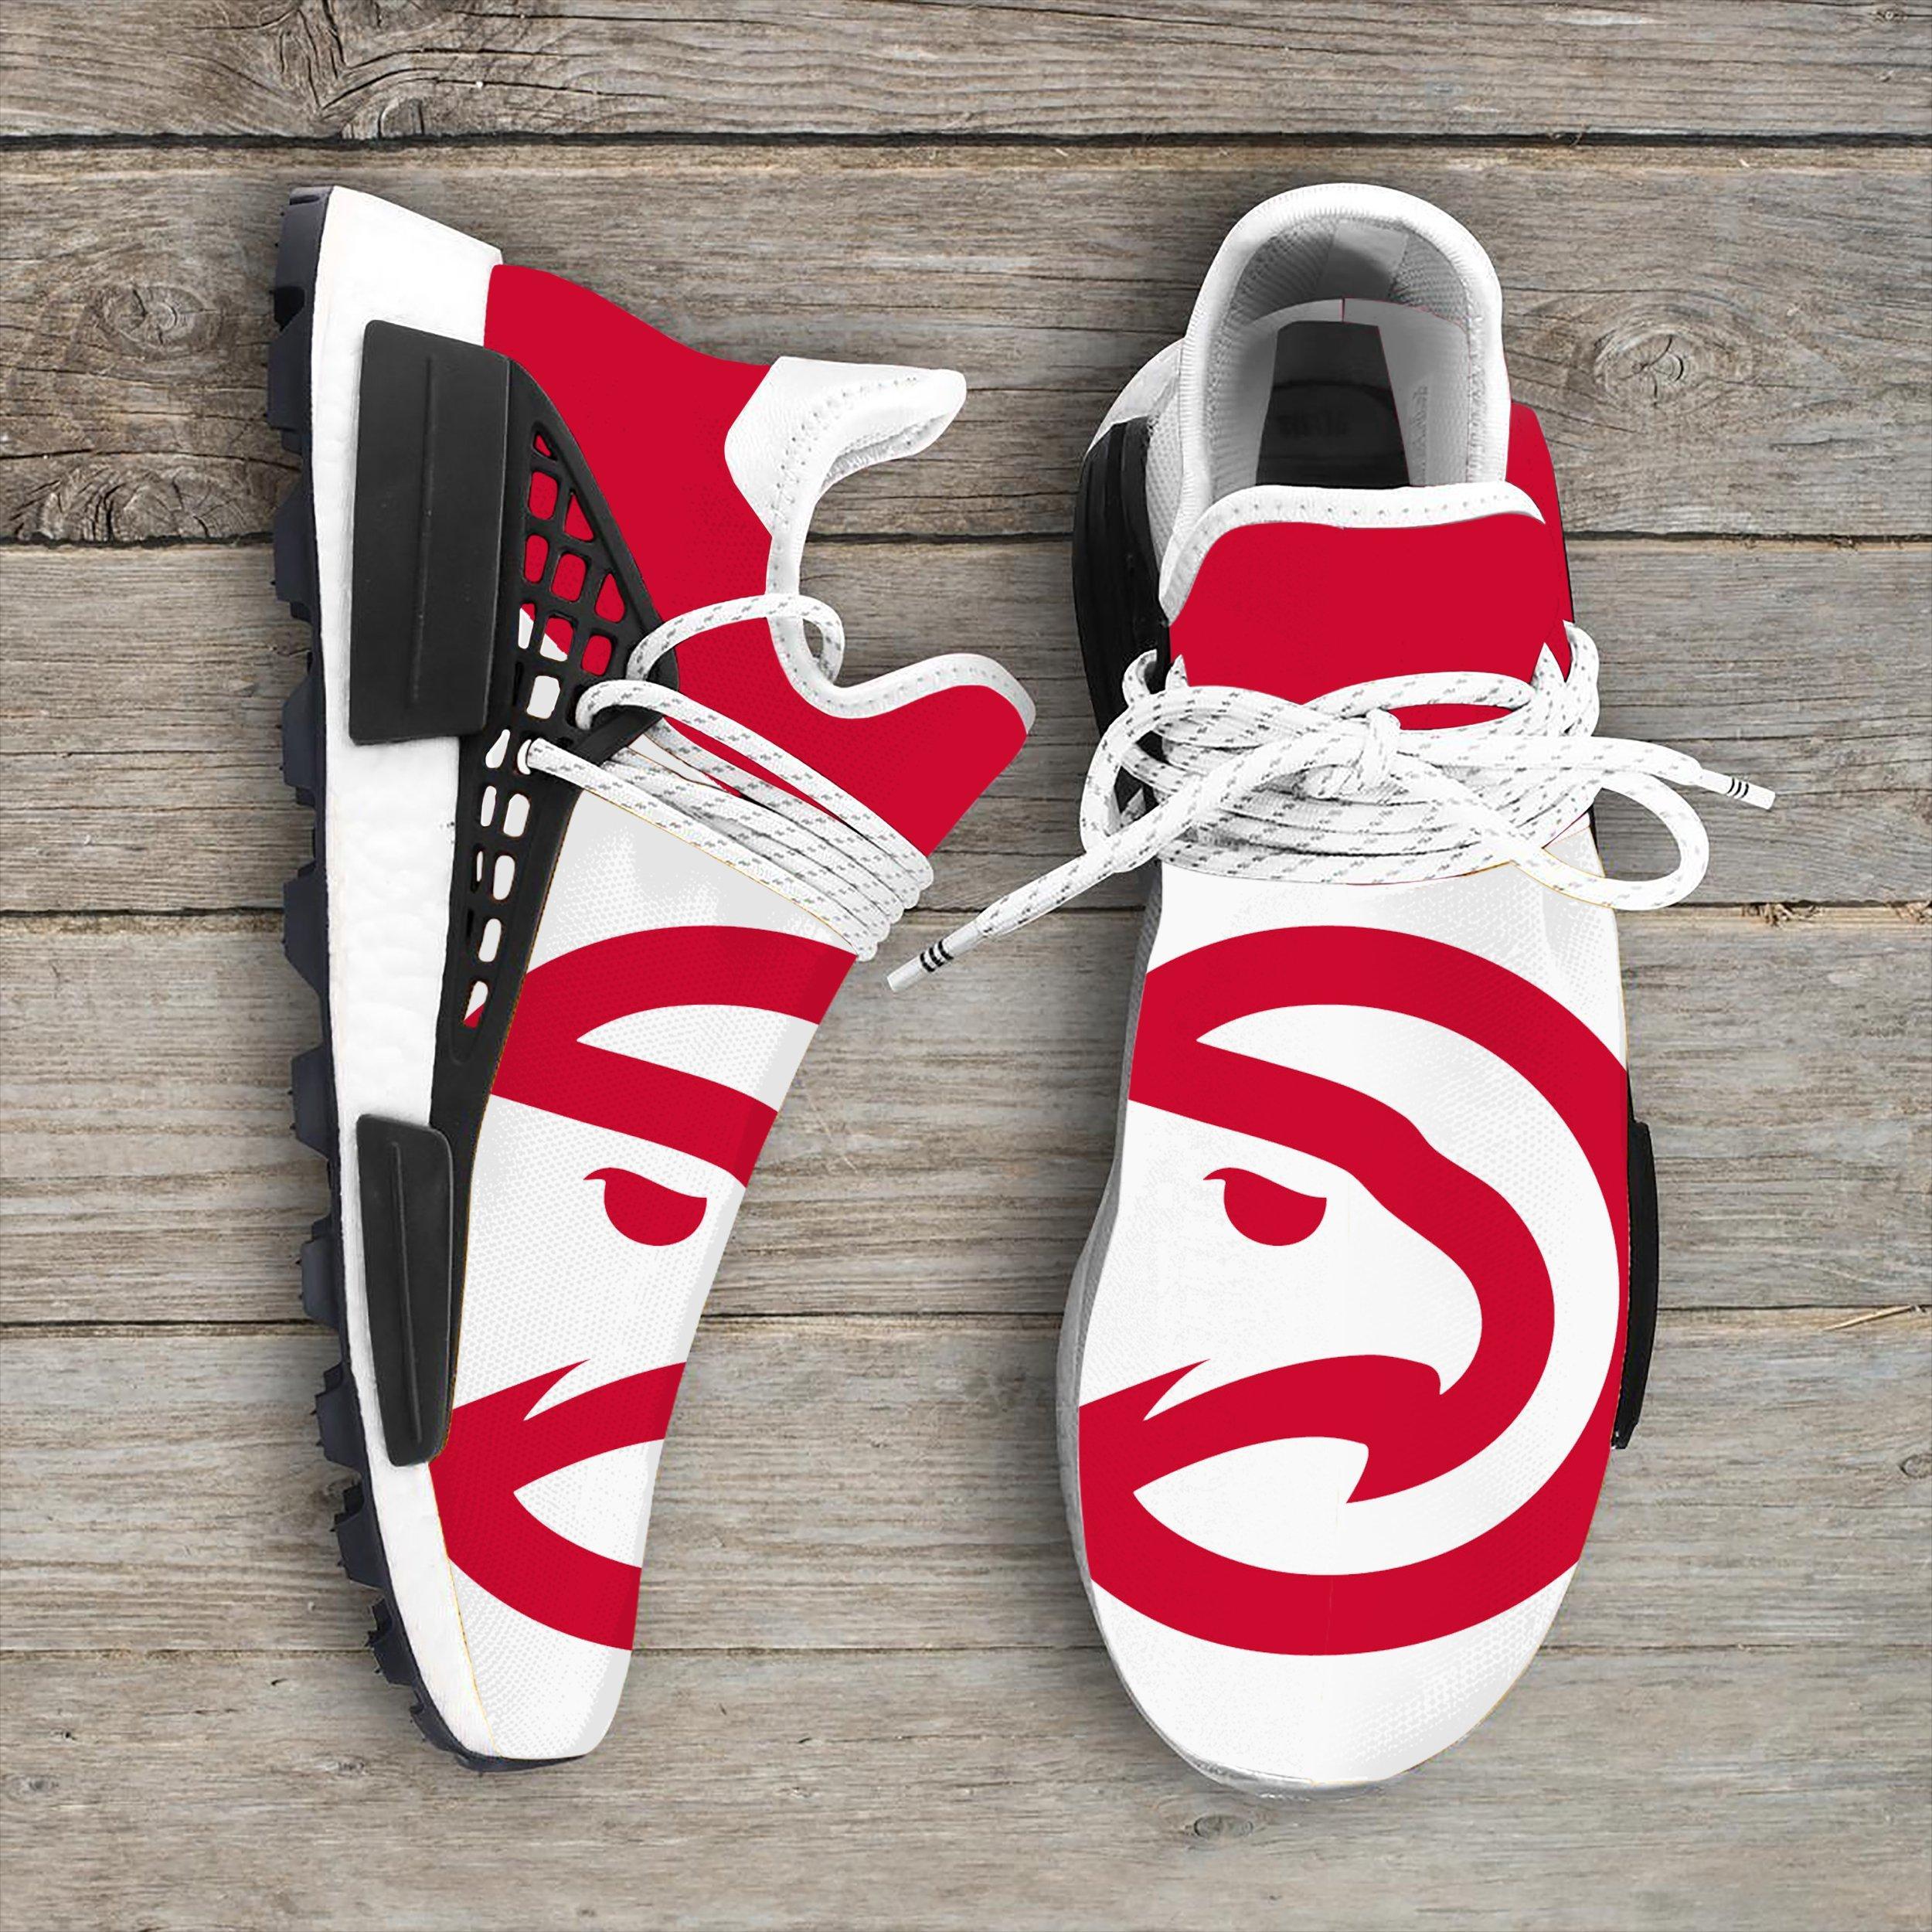 Atlanta Hawks Nba Ha02 NMD Human Shoes